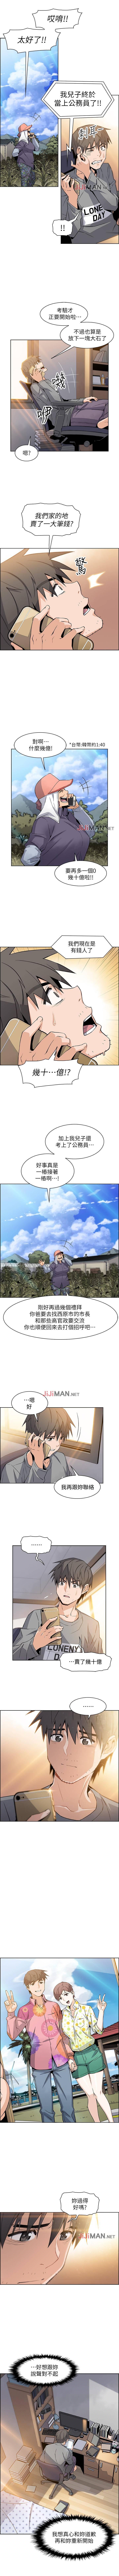 【周四连载】前女友变女佣(作者:PAPER&頸枕) 第1~33话 46